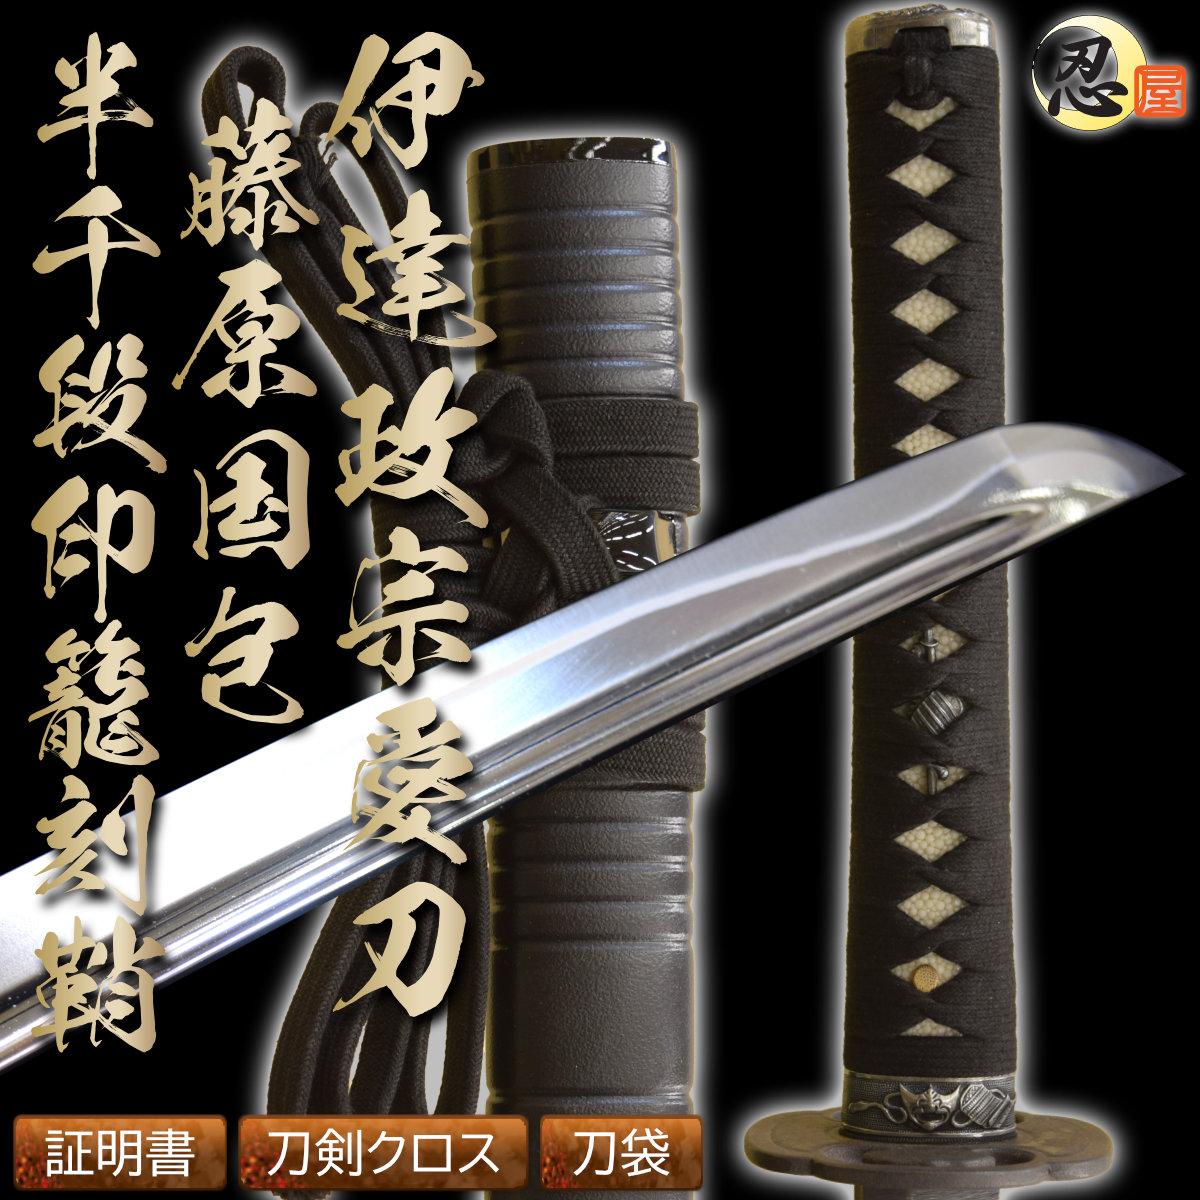 高級居合刀 伊達政宗愛刀 藤原国包 半千段印籠刻鞘(刀袋付き)